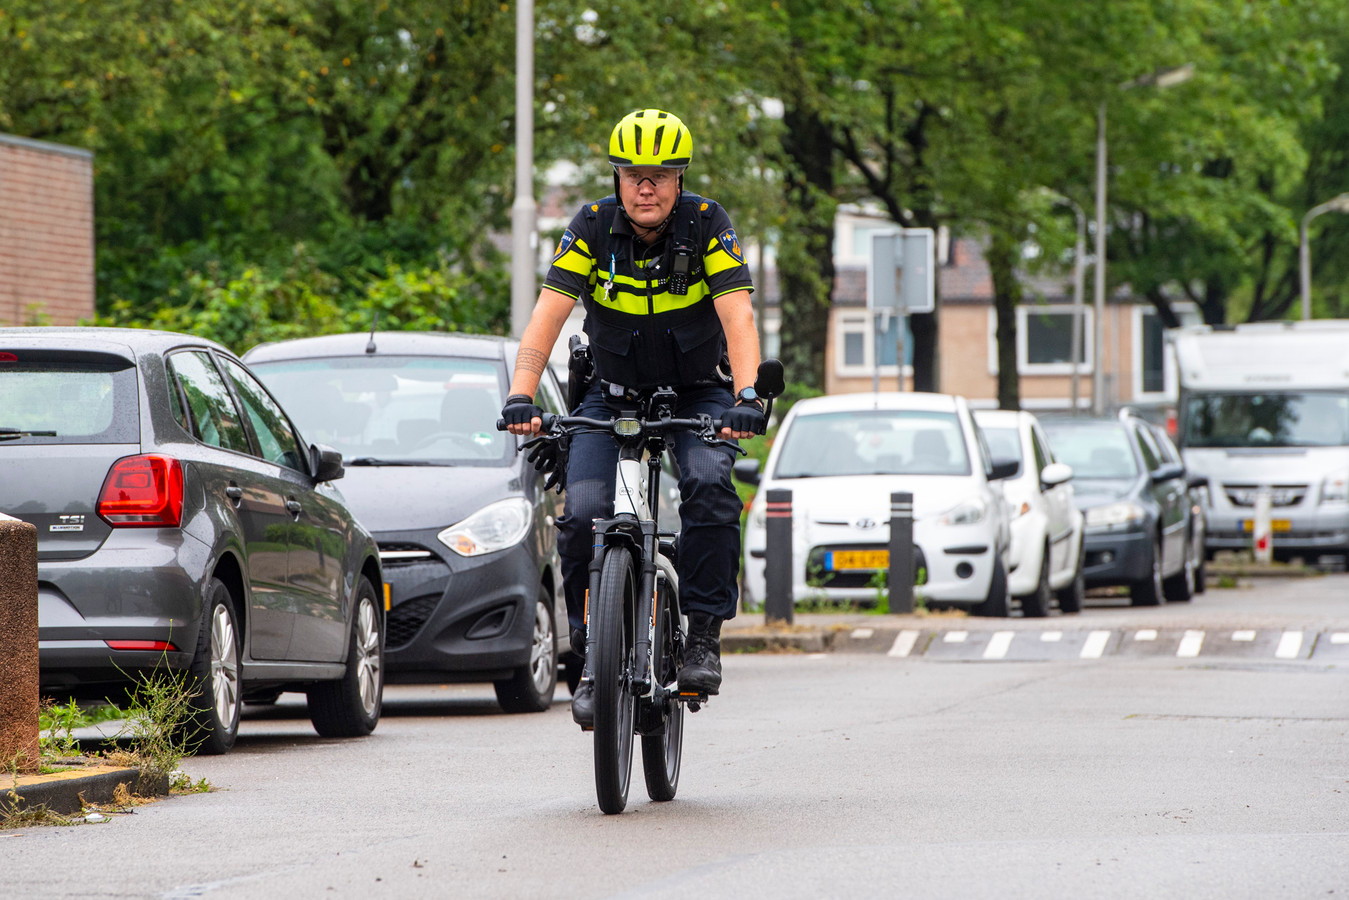 Wijkagent Hilbert Hardenberg is een van de mensen die vaak de speed pedelec pakt.